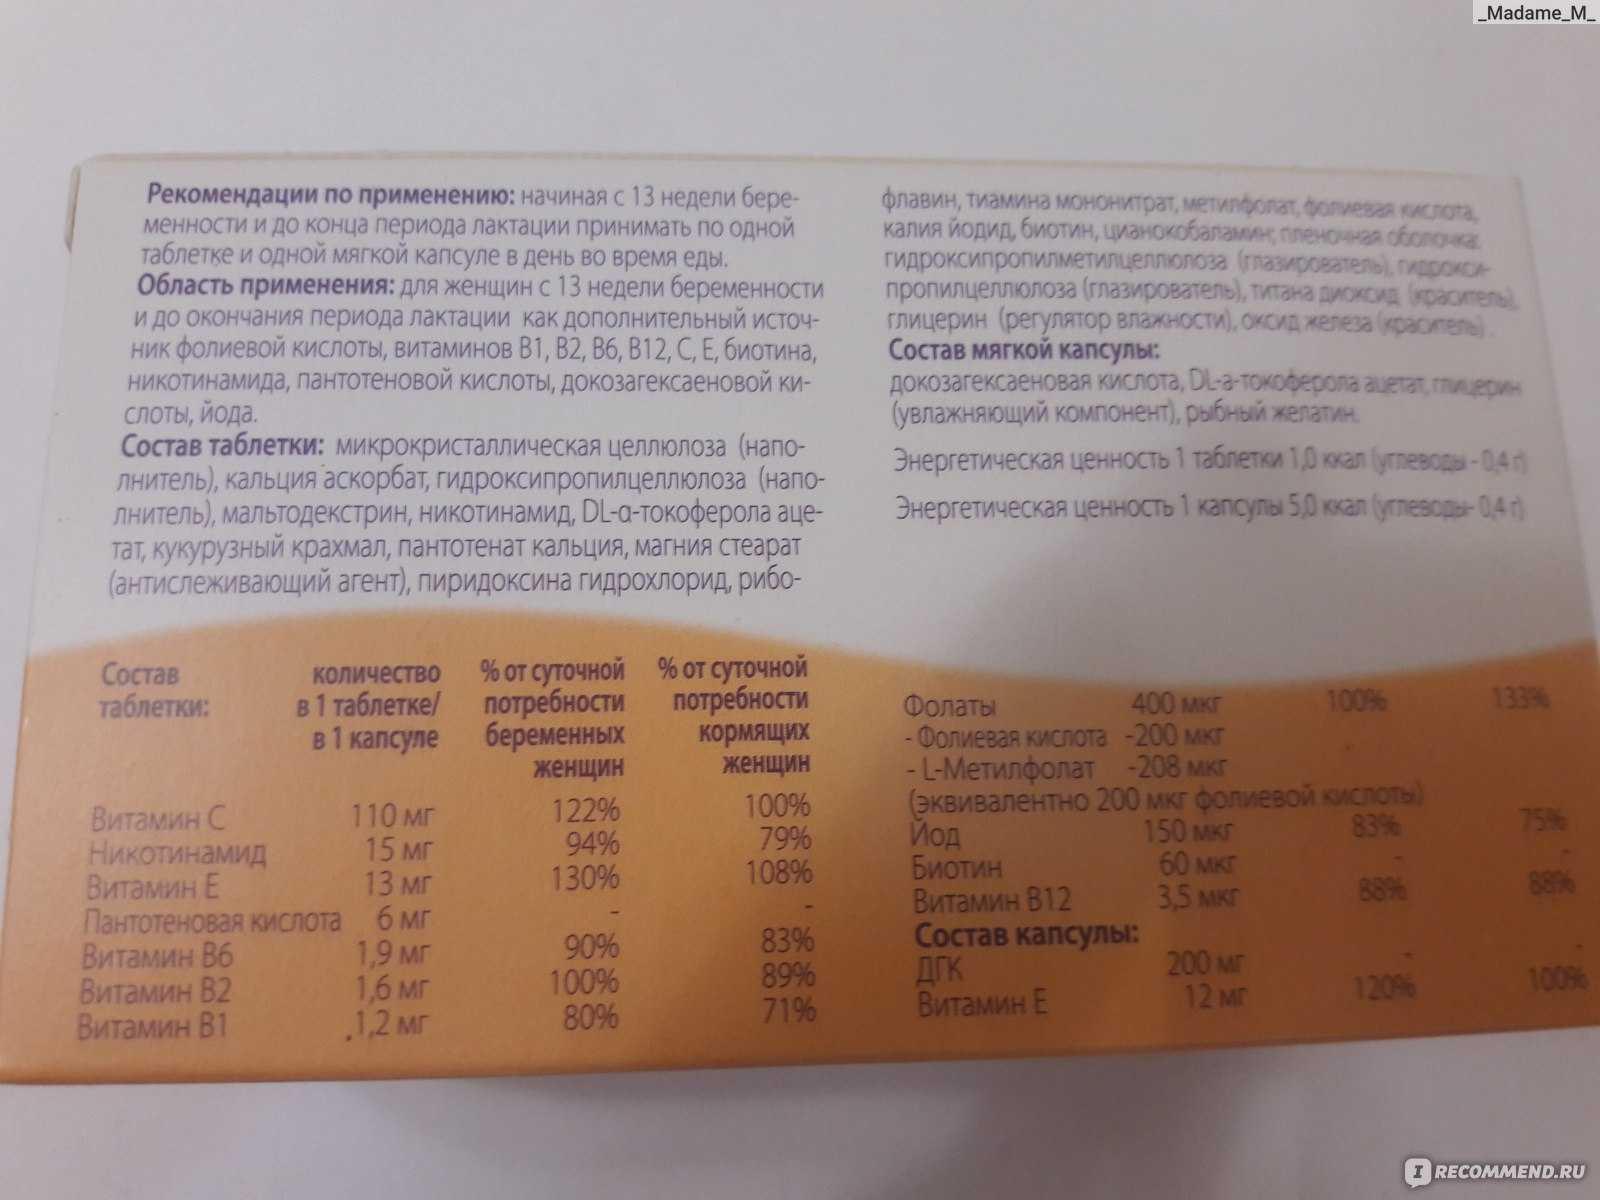 """""""фемибион"""": отзывы. """"фемибион"""" при планировании беременности :: syl.ru"""